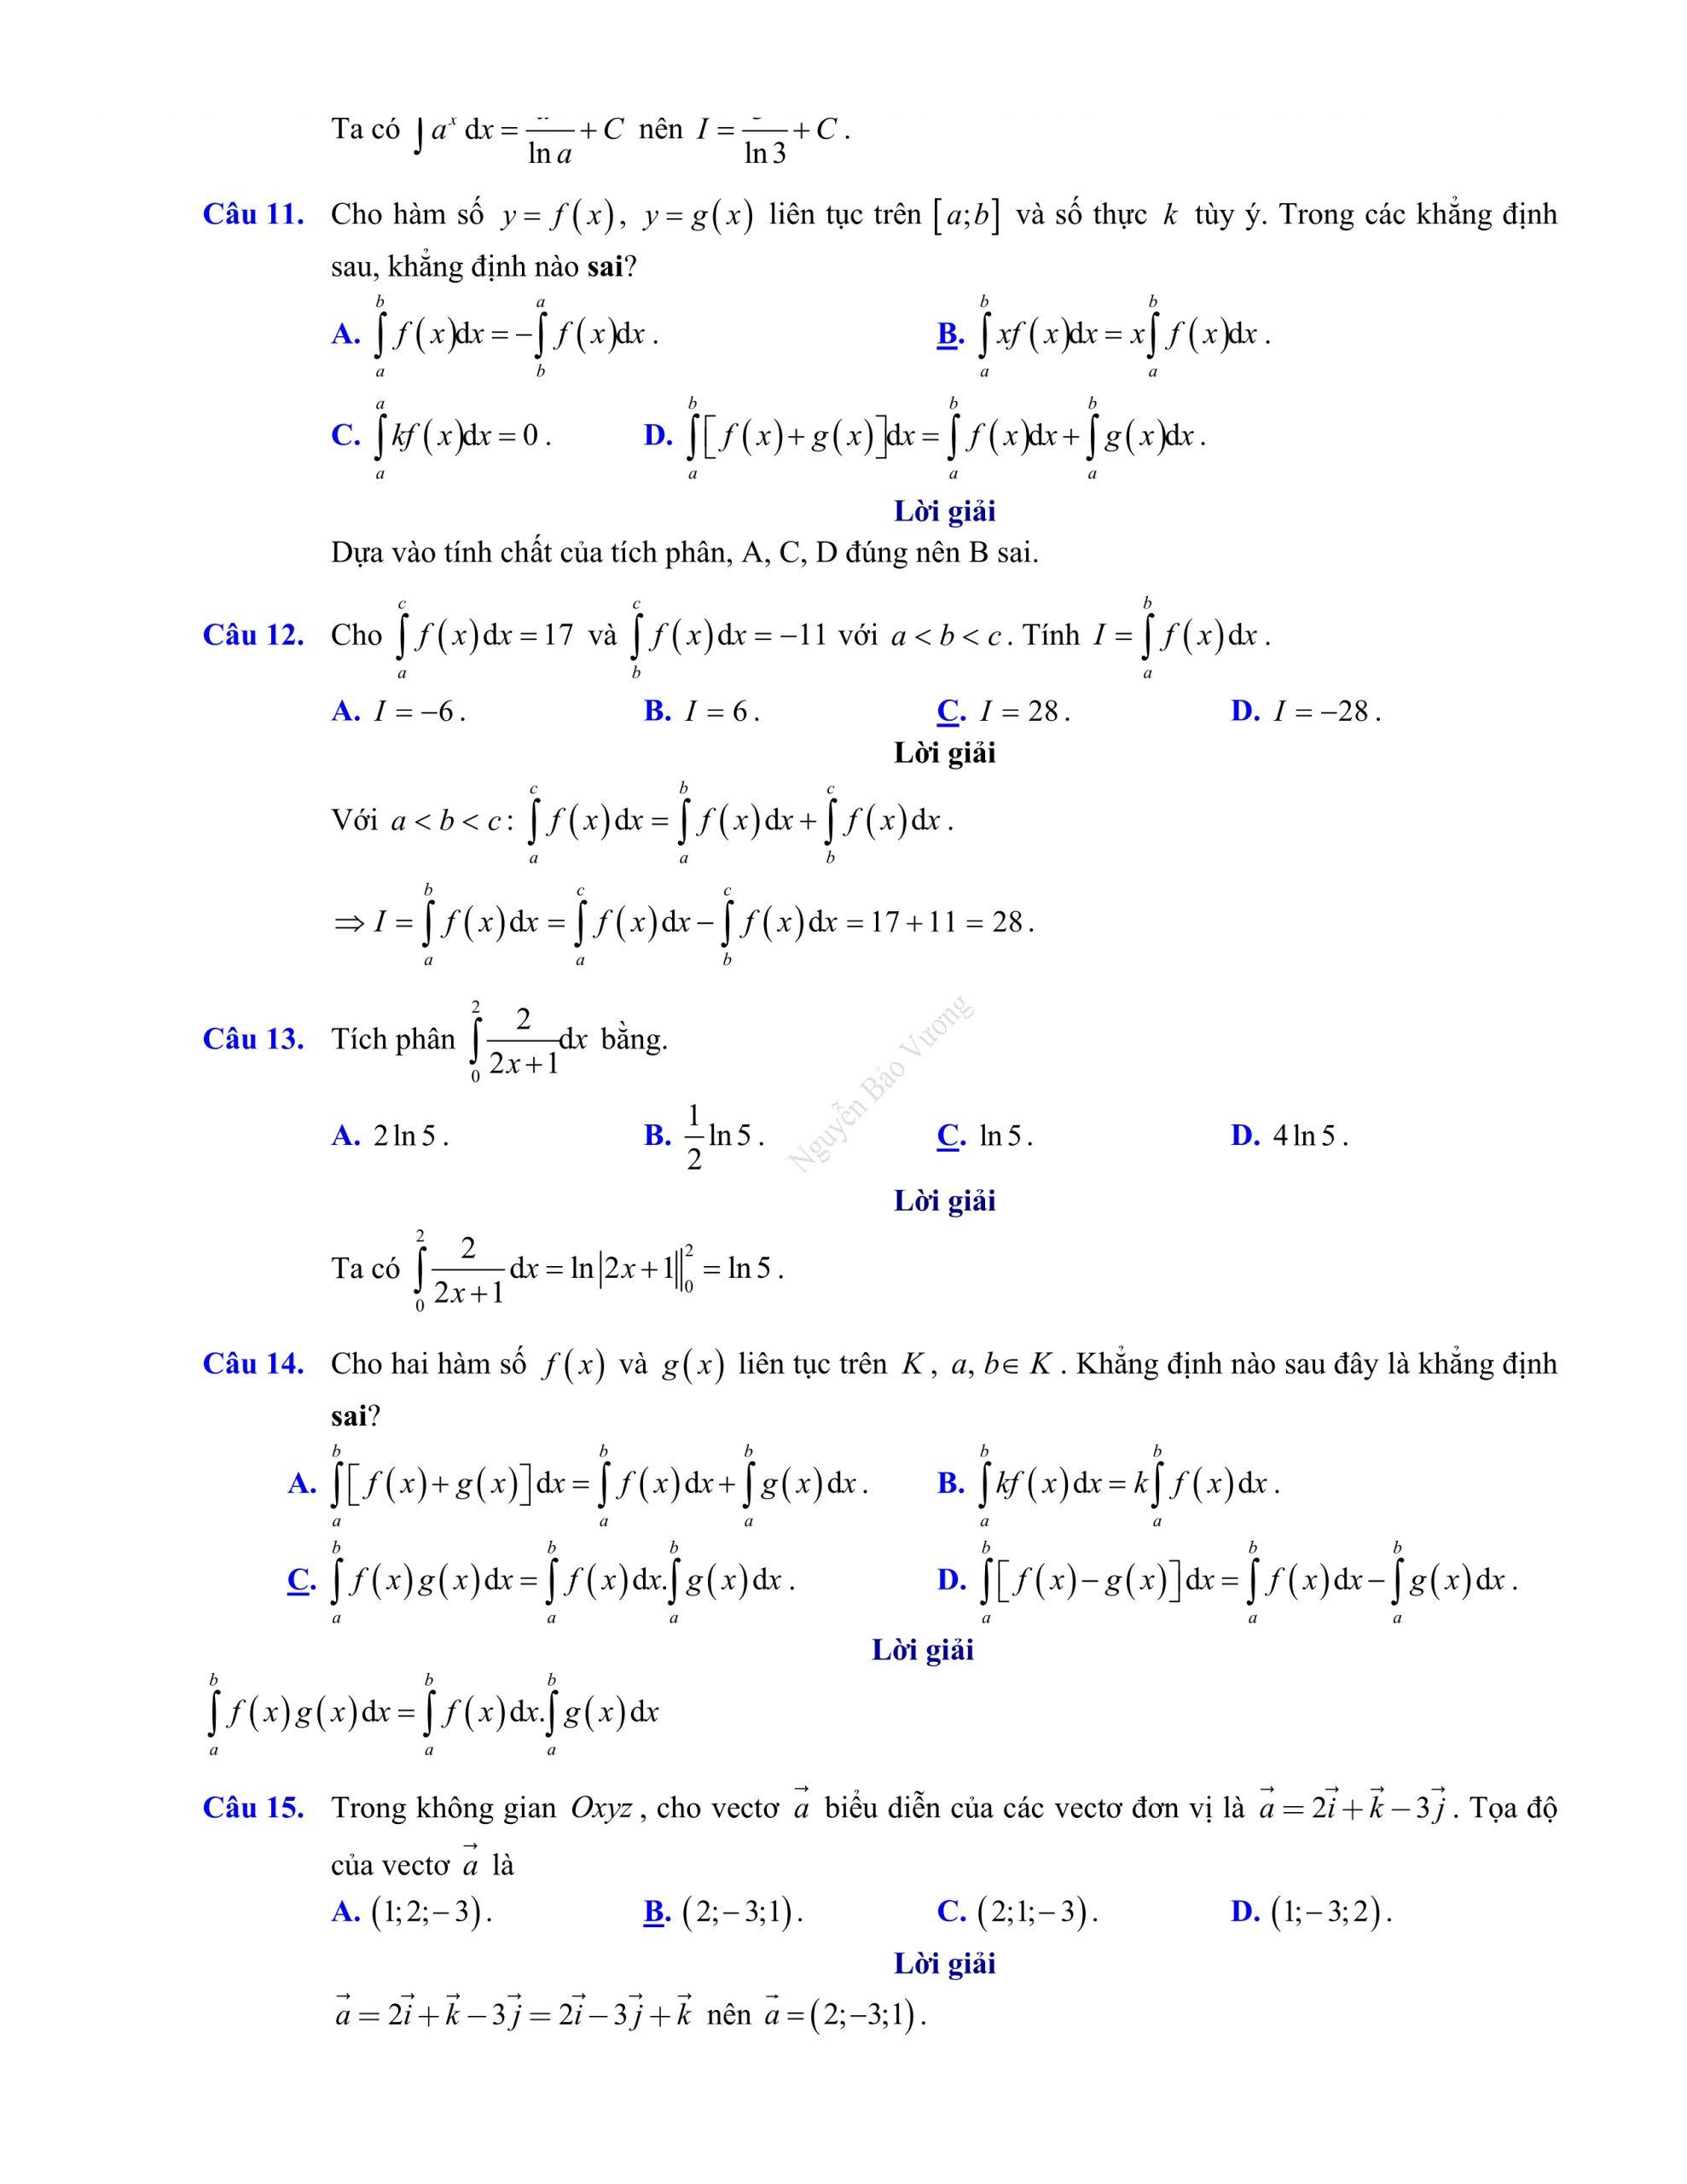 Đề thi giữa hk2 toán 12 mới chuẩn chuong trinh mới